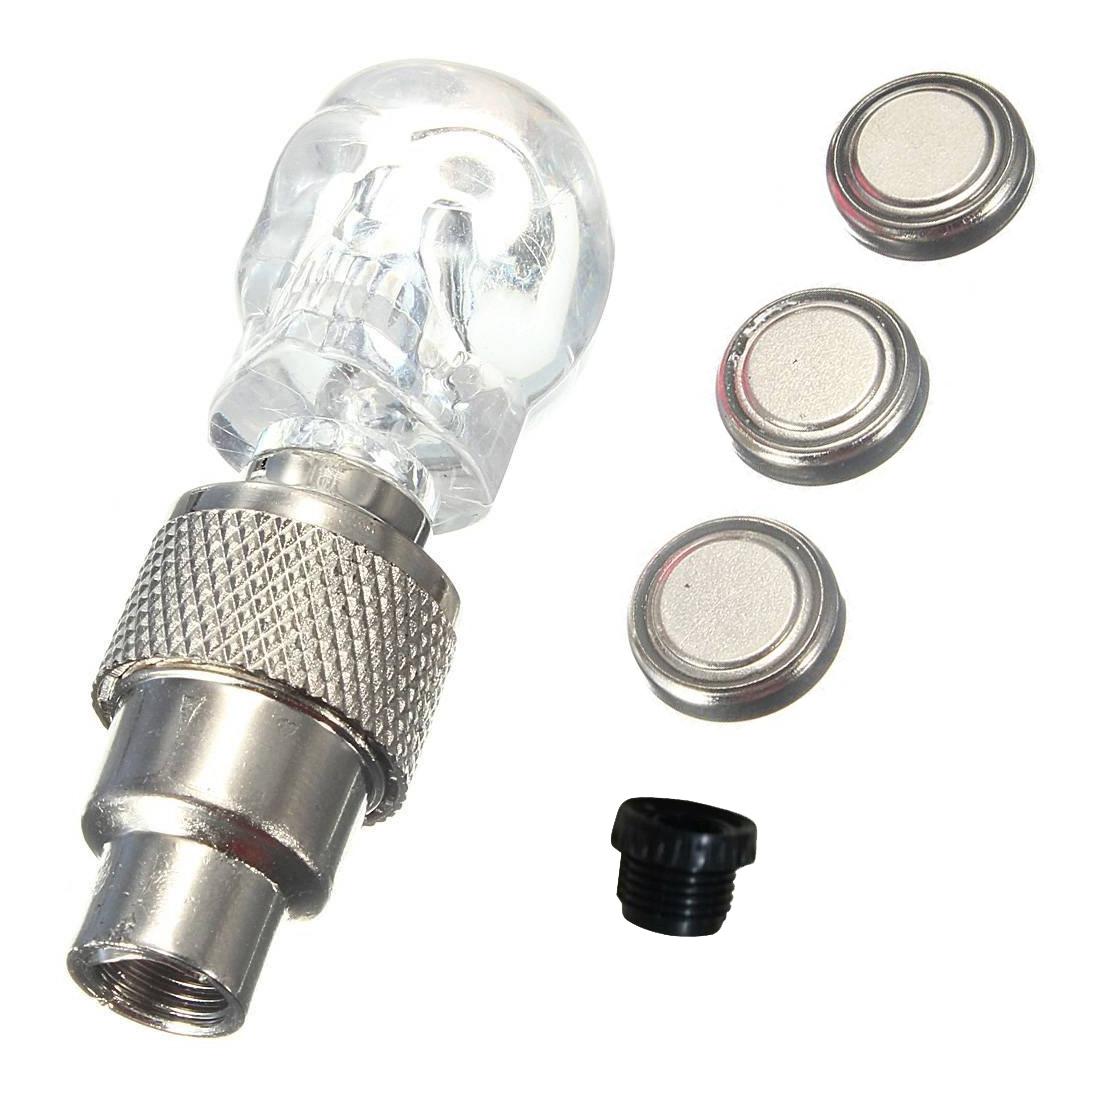 led licht ventilkappe speichenlicht f r fahrrad auto bike felgen reifen weiss et ebay. Black Bedroom Furniture Sets. Home Design Ideas